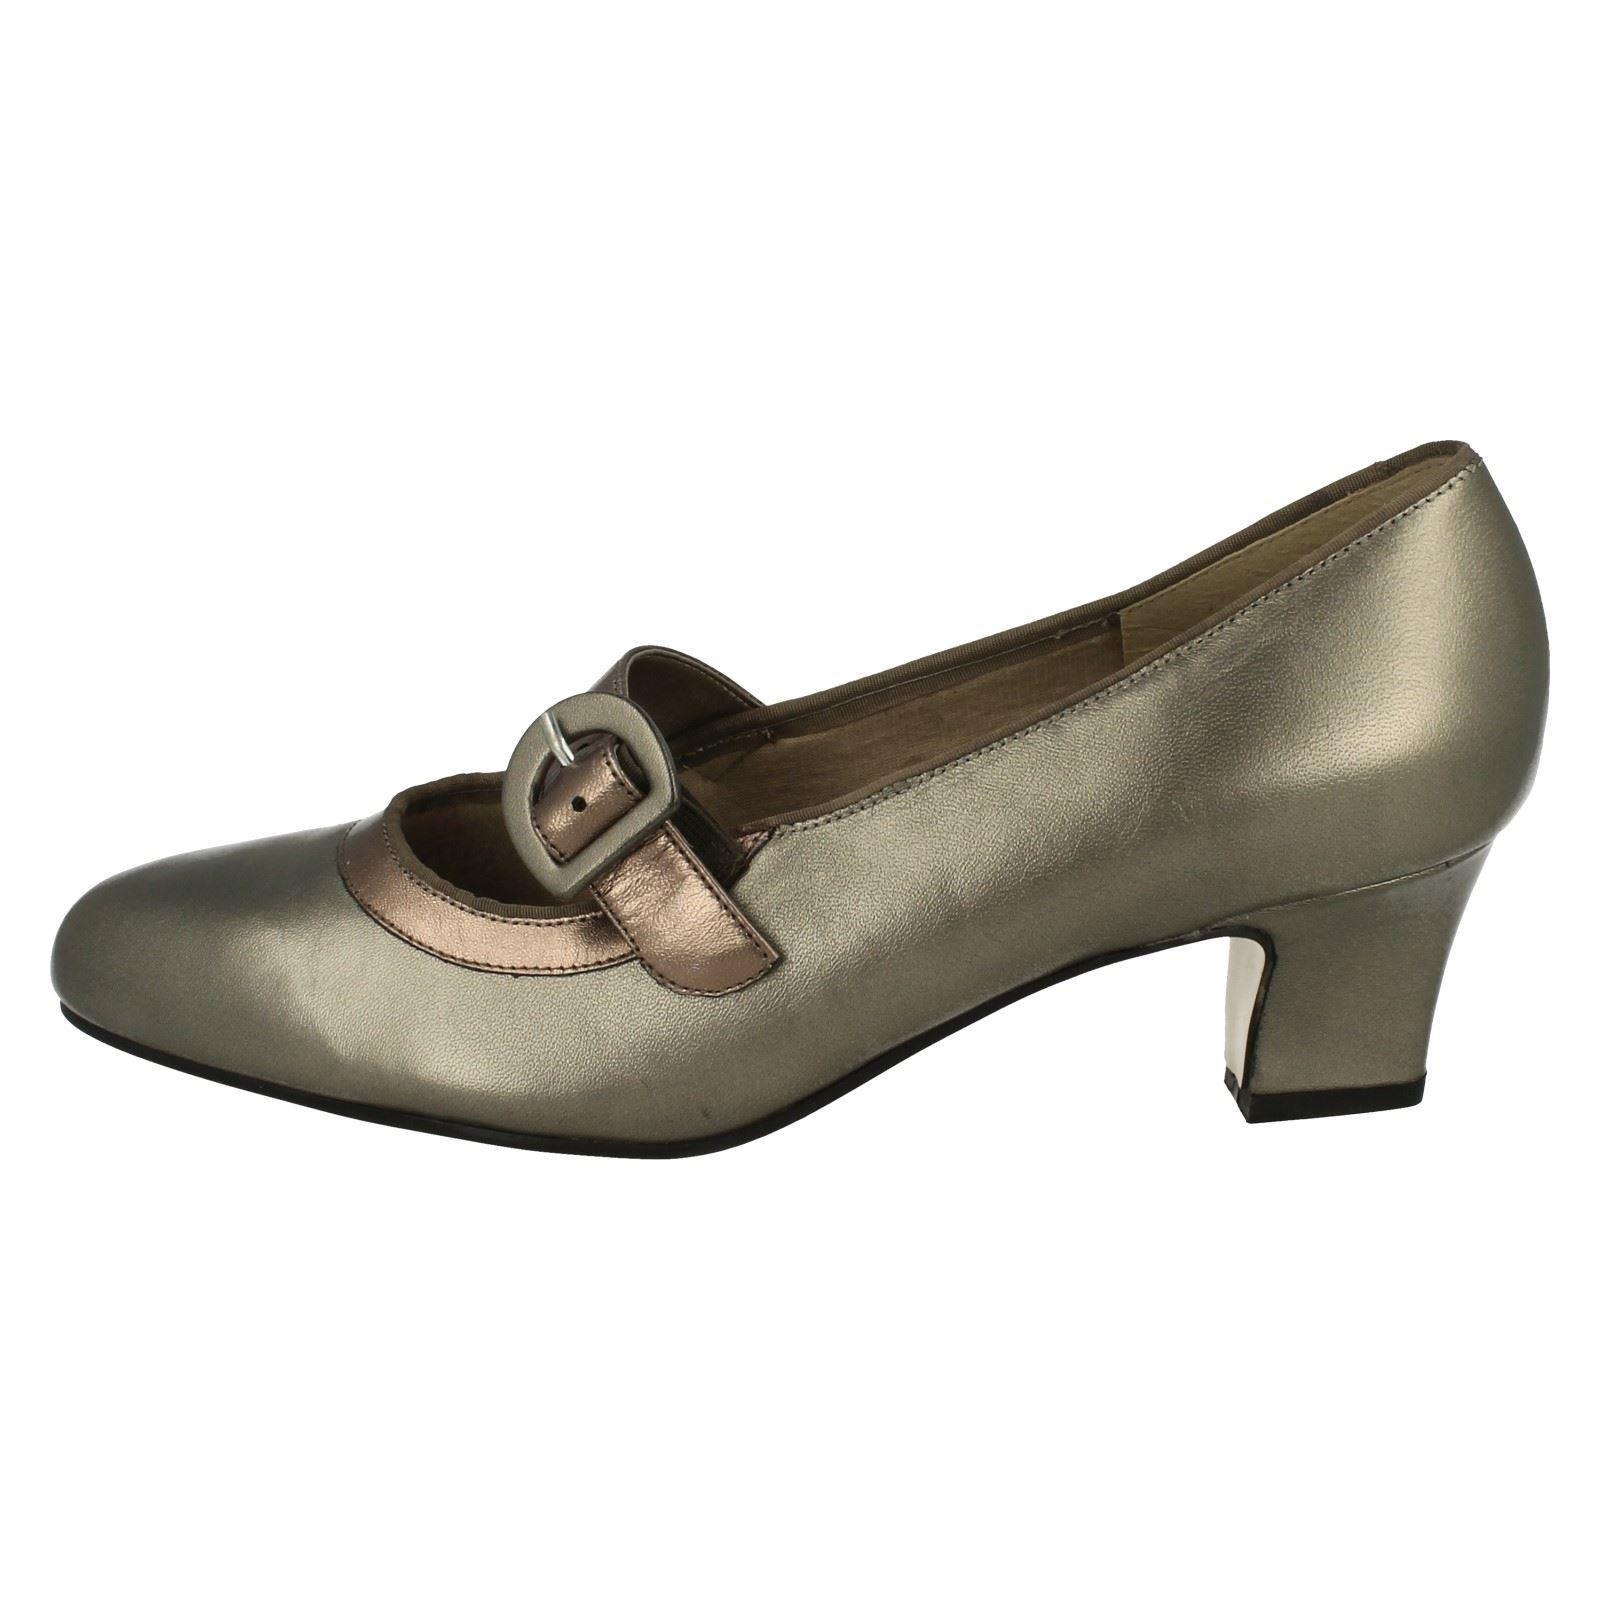 Señoras equidad Tribunal Ancho del Tribunal equidad Zapatos  Maxine  ea30cd